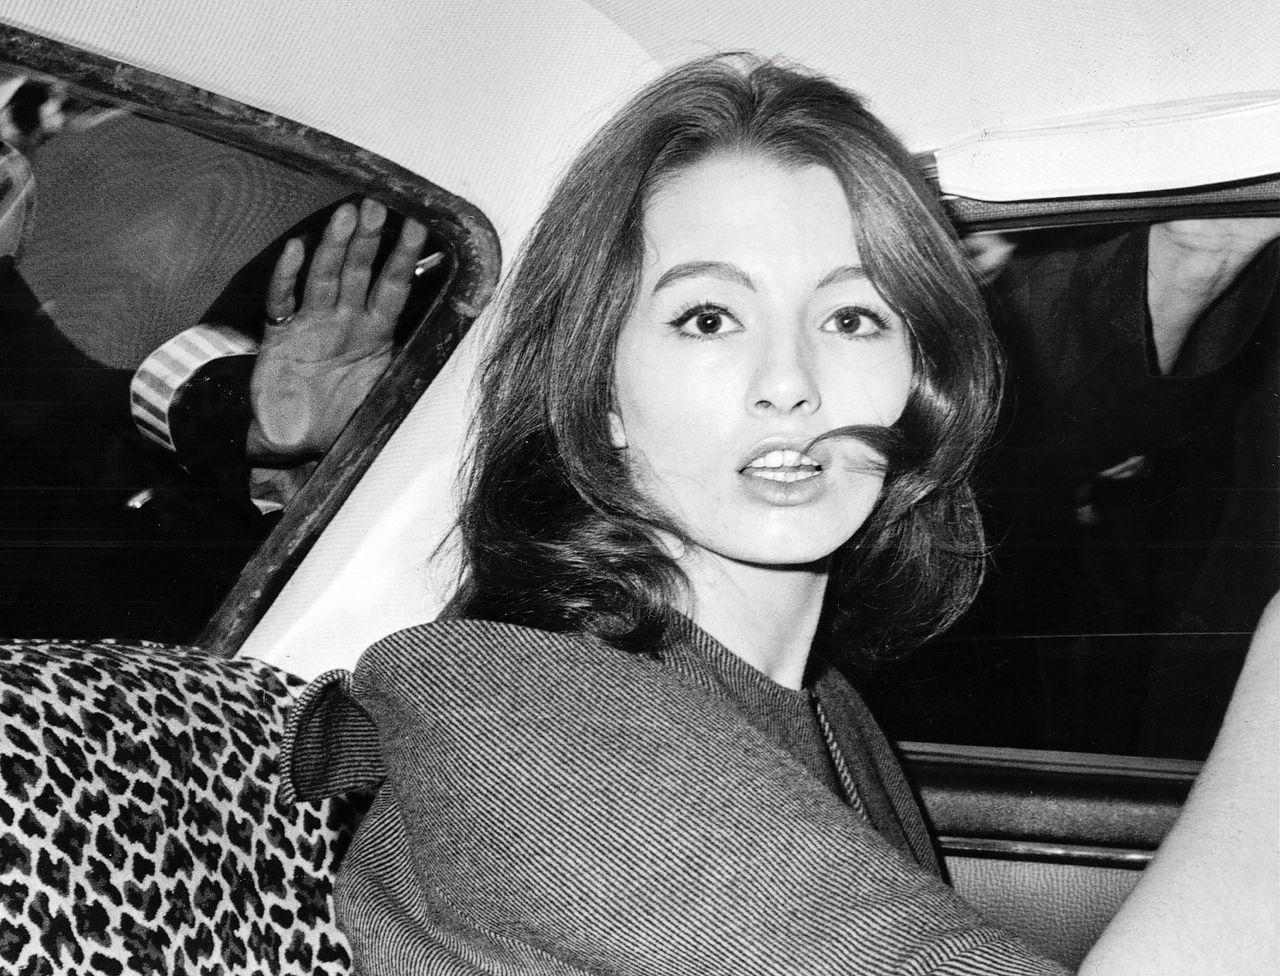 Archieffoto van Christine Keeler uit 1963, het jaar dat de Profumo-affaire aan het licht kwam.